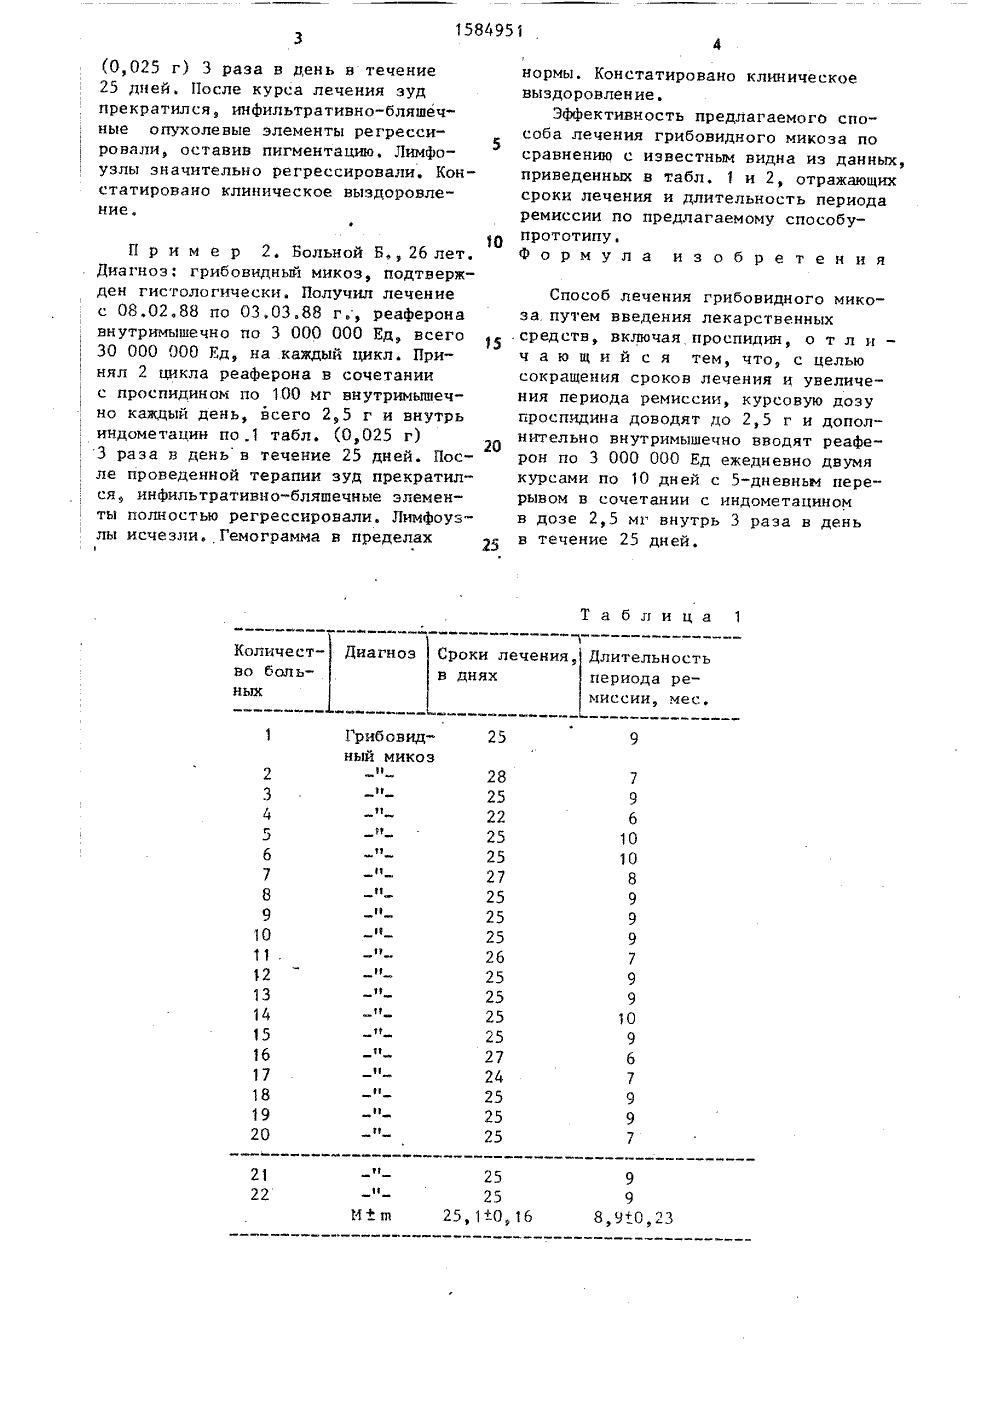 endemichnie-mikozi